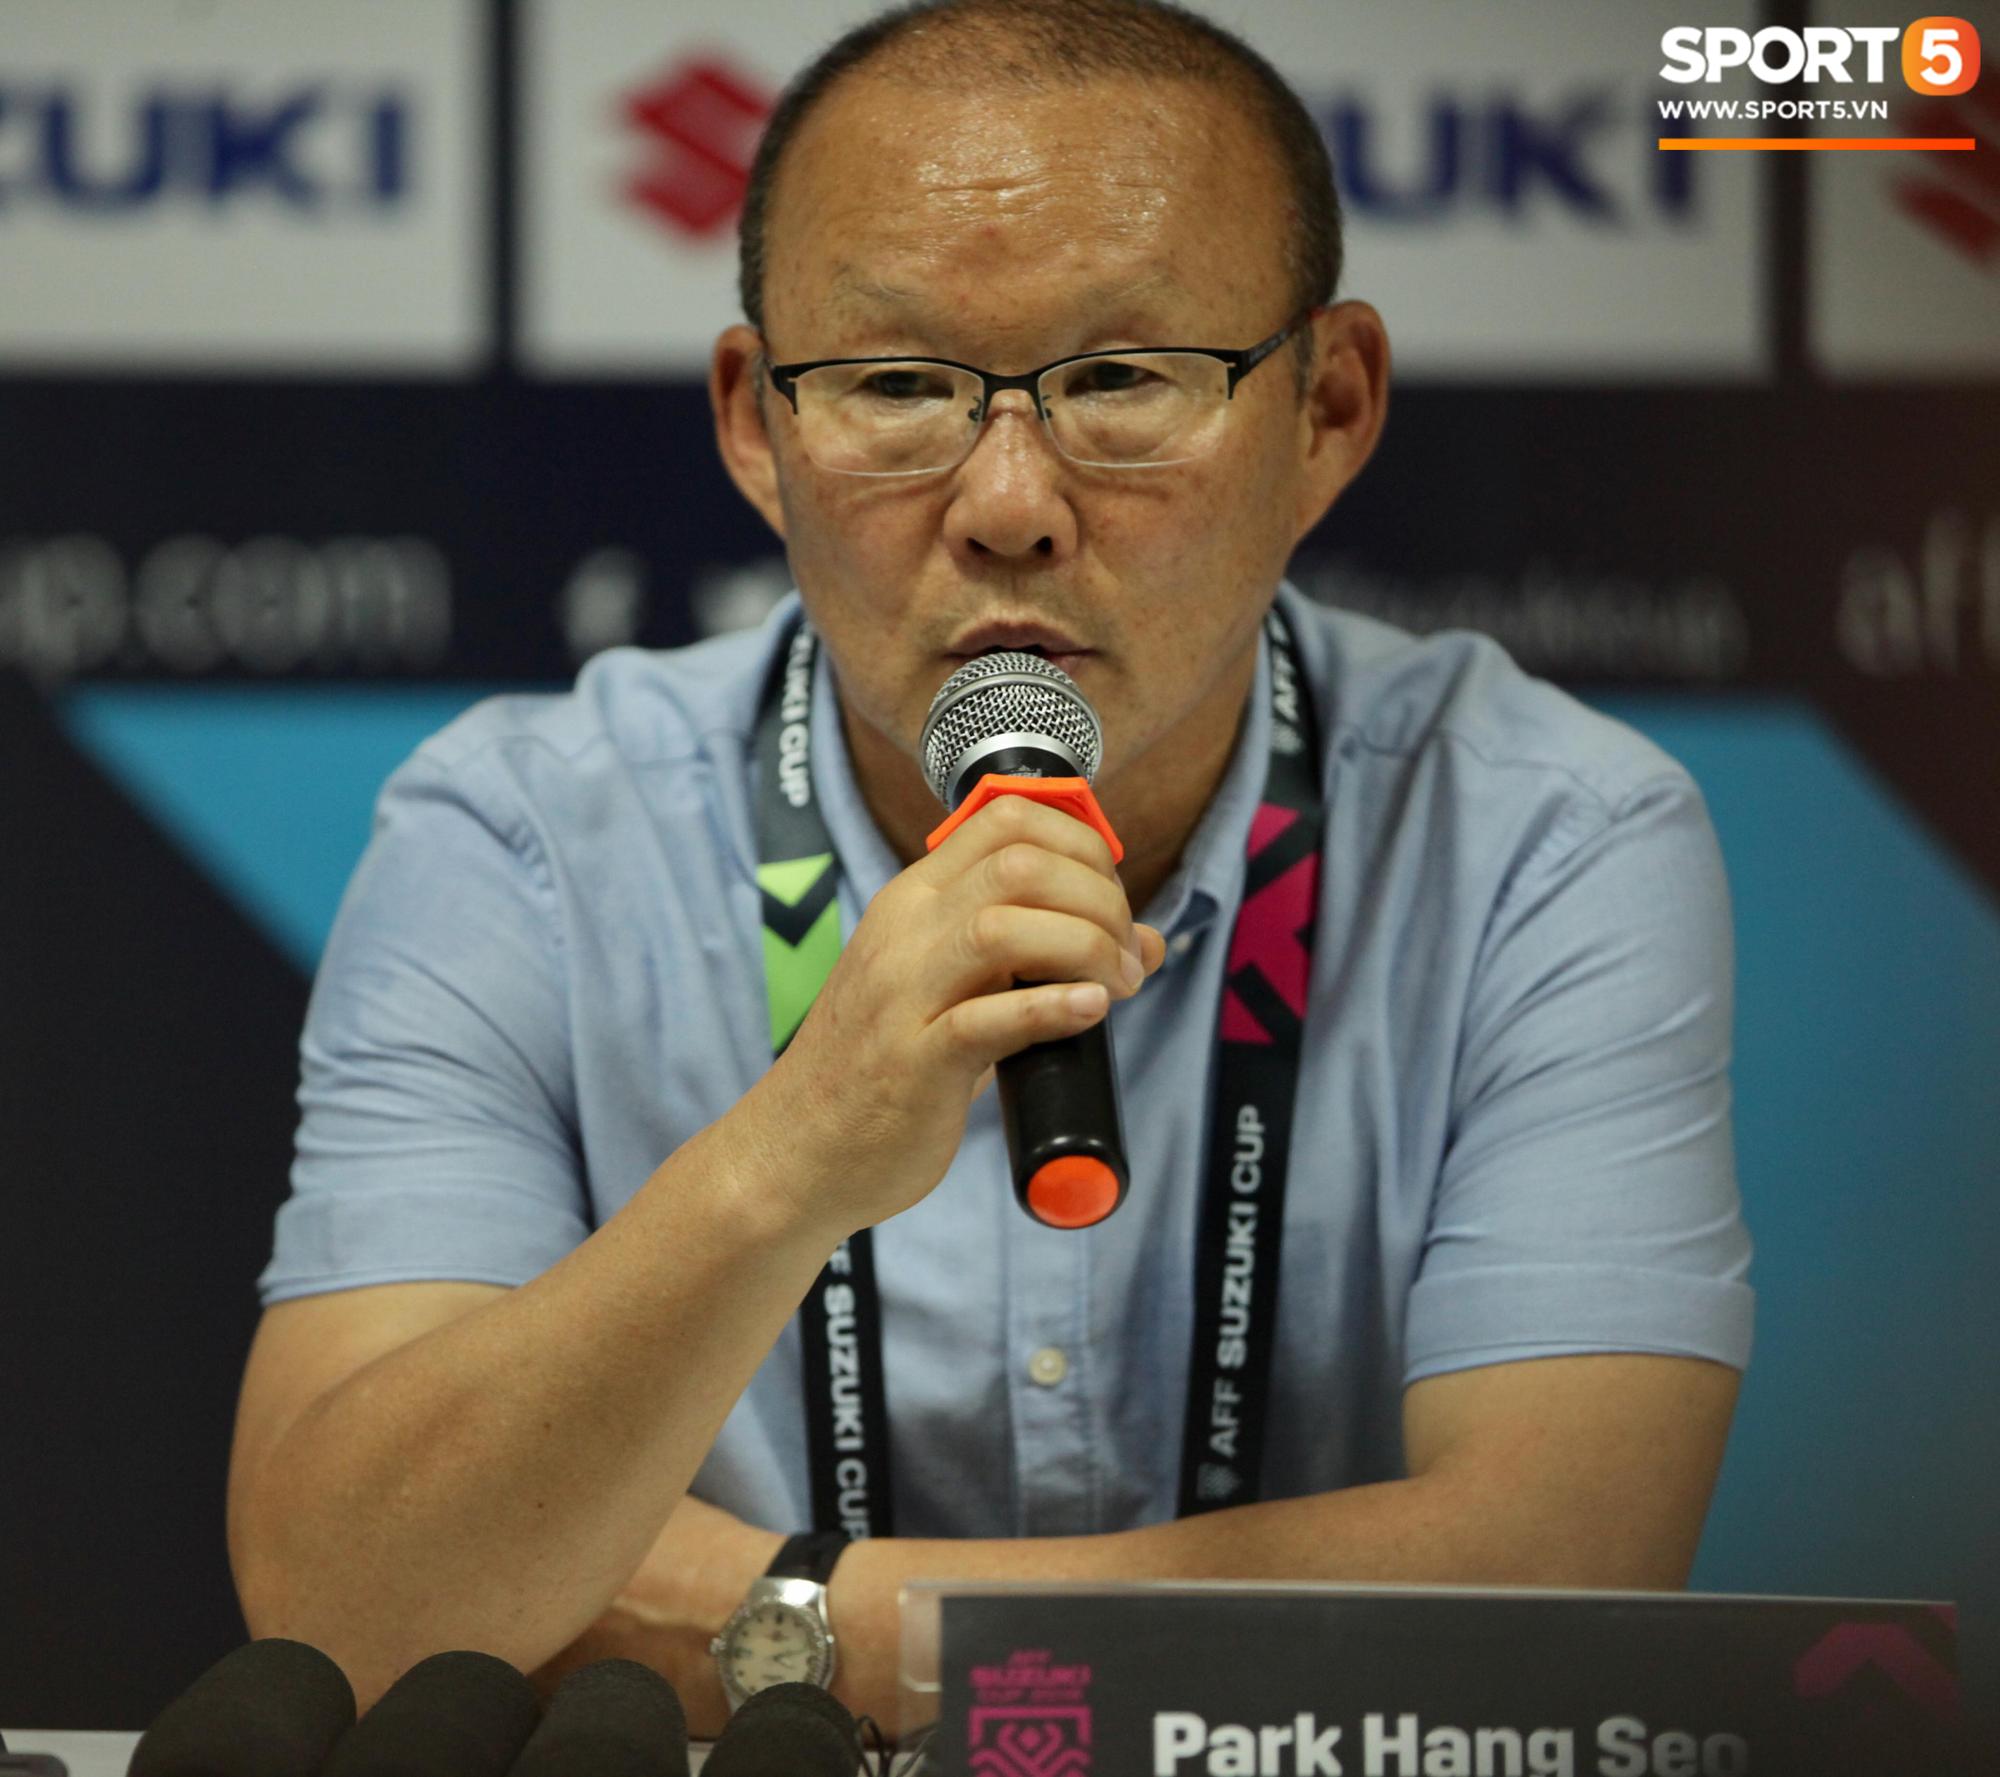 Thắng dễ Lào, HLV Park Hang Seo vẫn bực mình với học trò vì lý do không đáng có-1